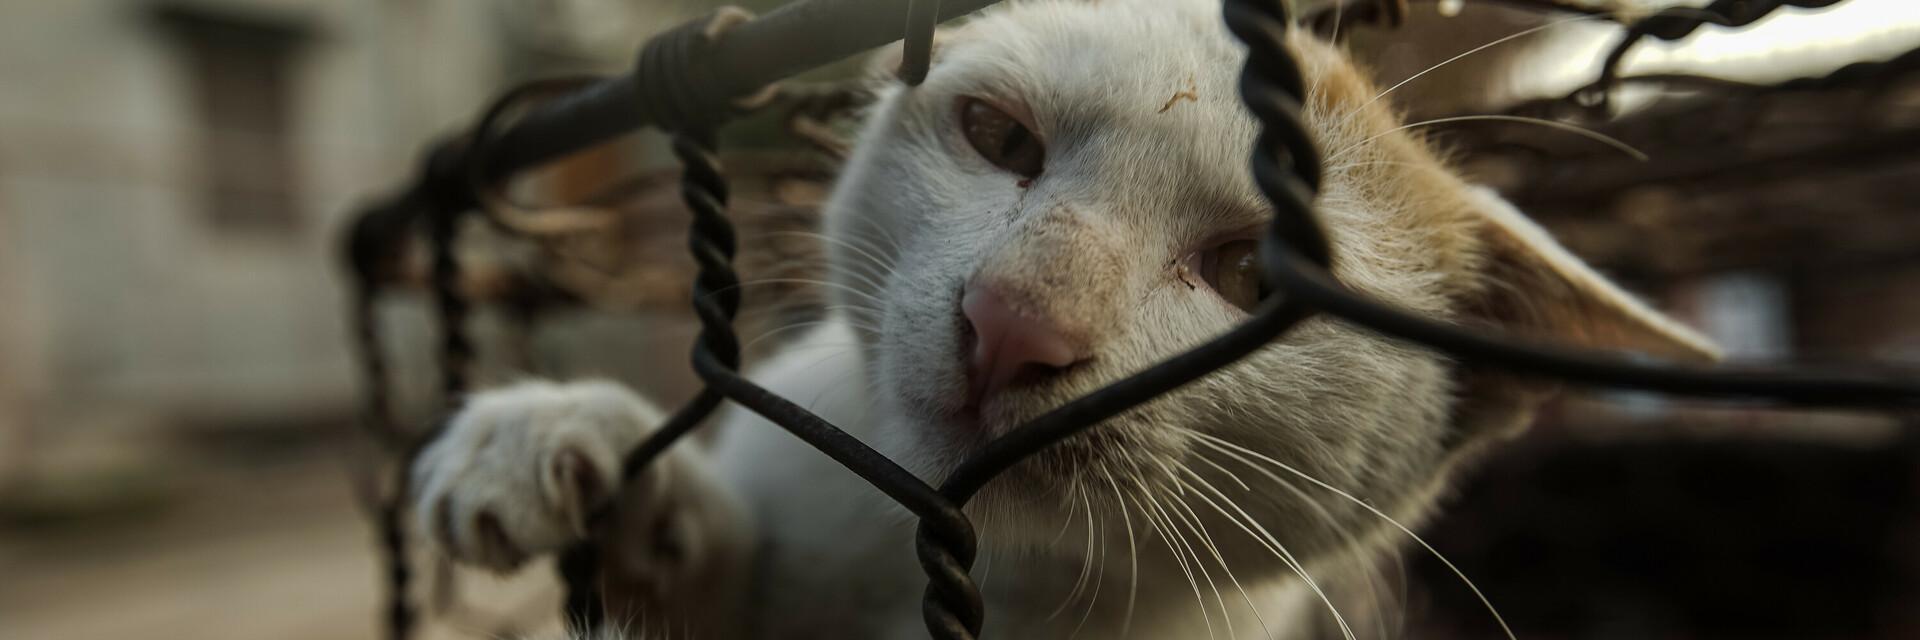 Kat in kooi voor slacht